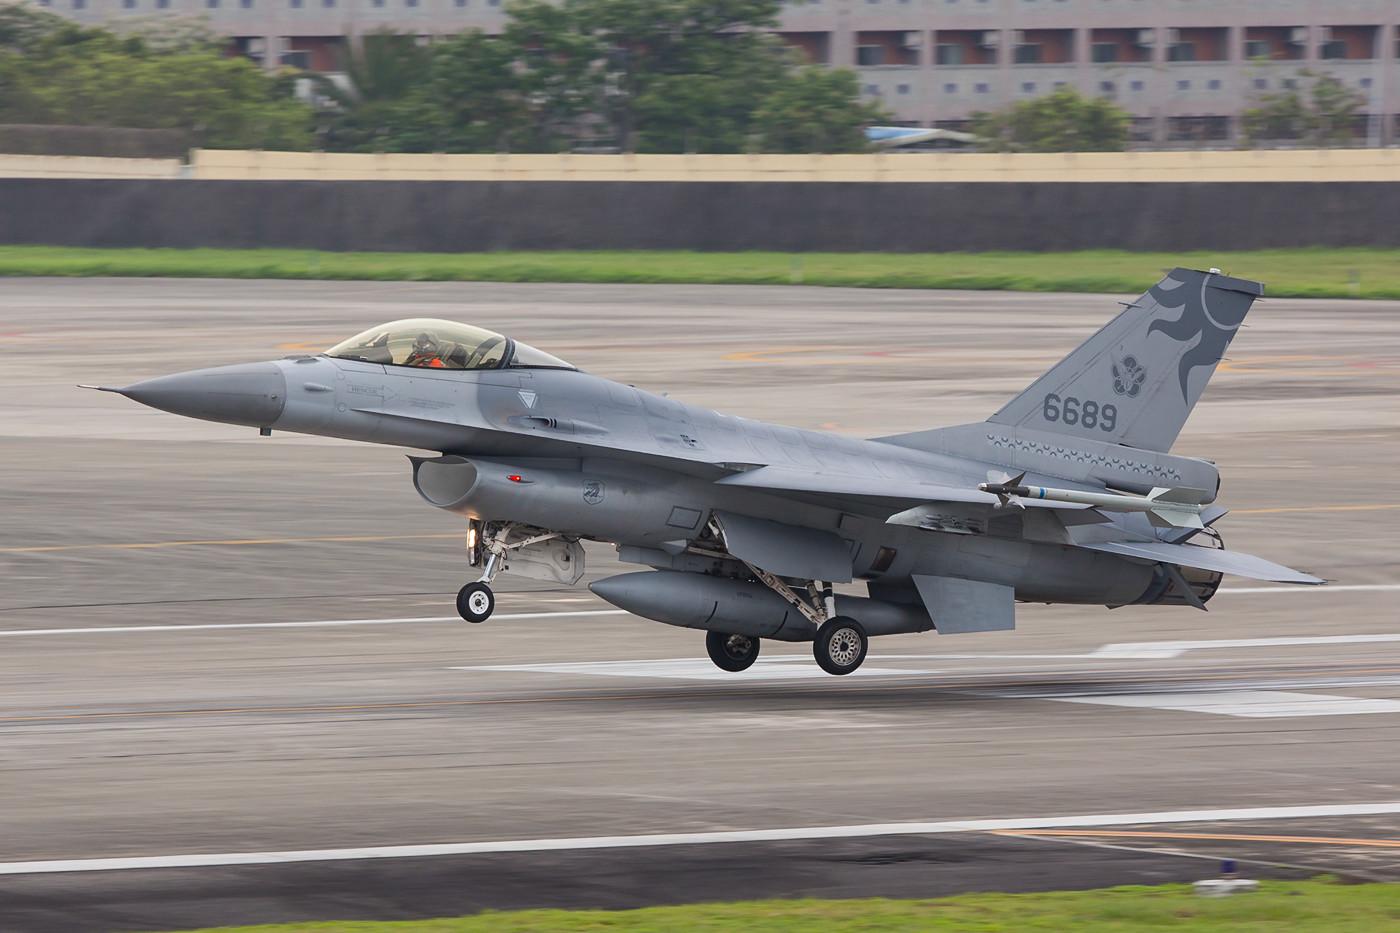 Landung der 6689, einer F-16A der 27th TFW.